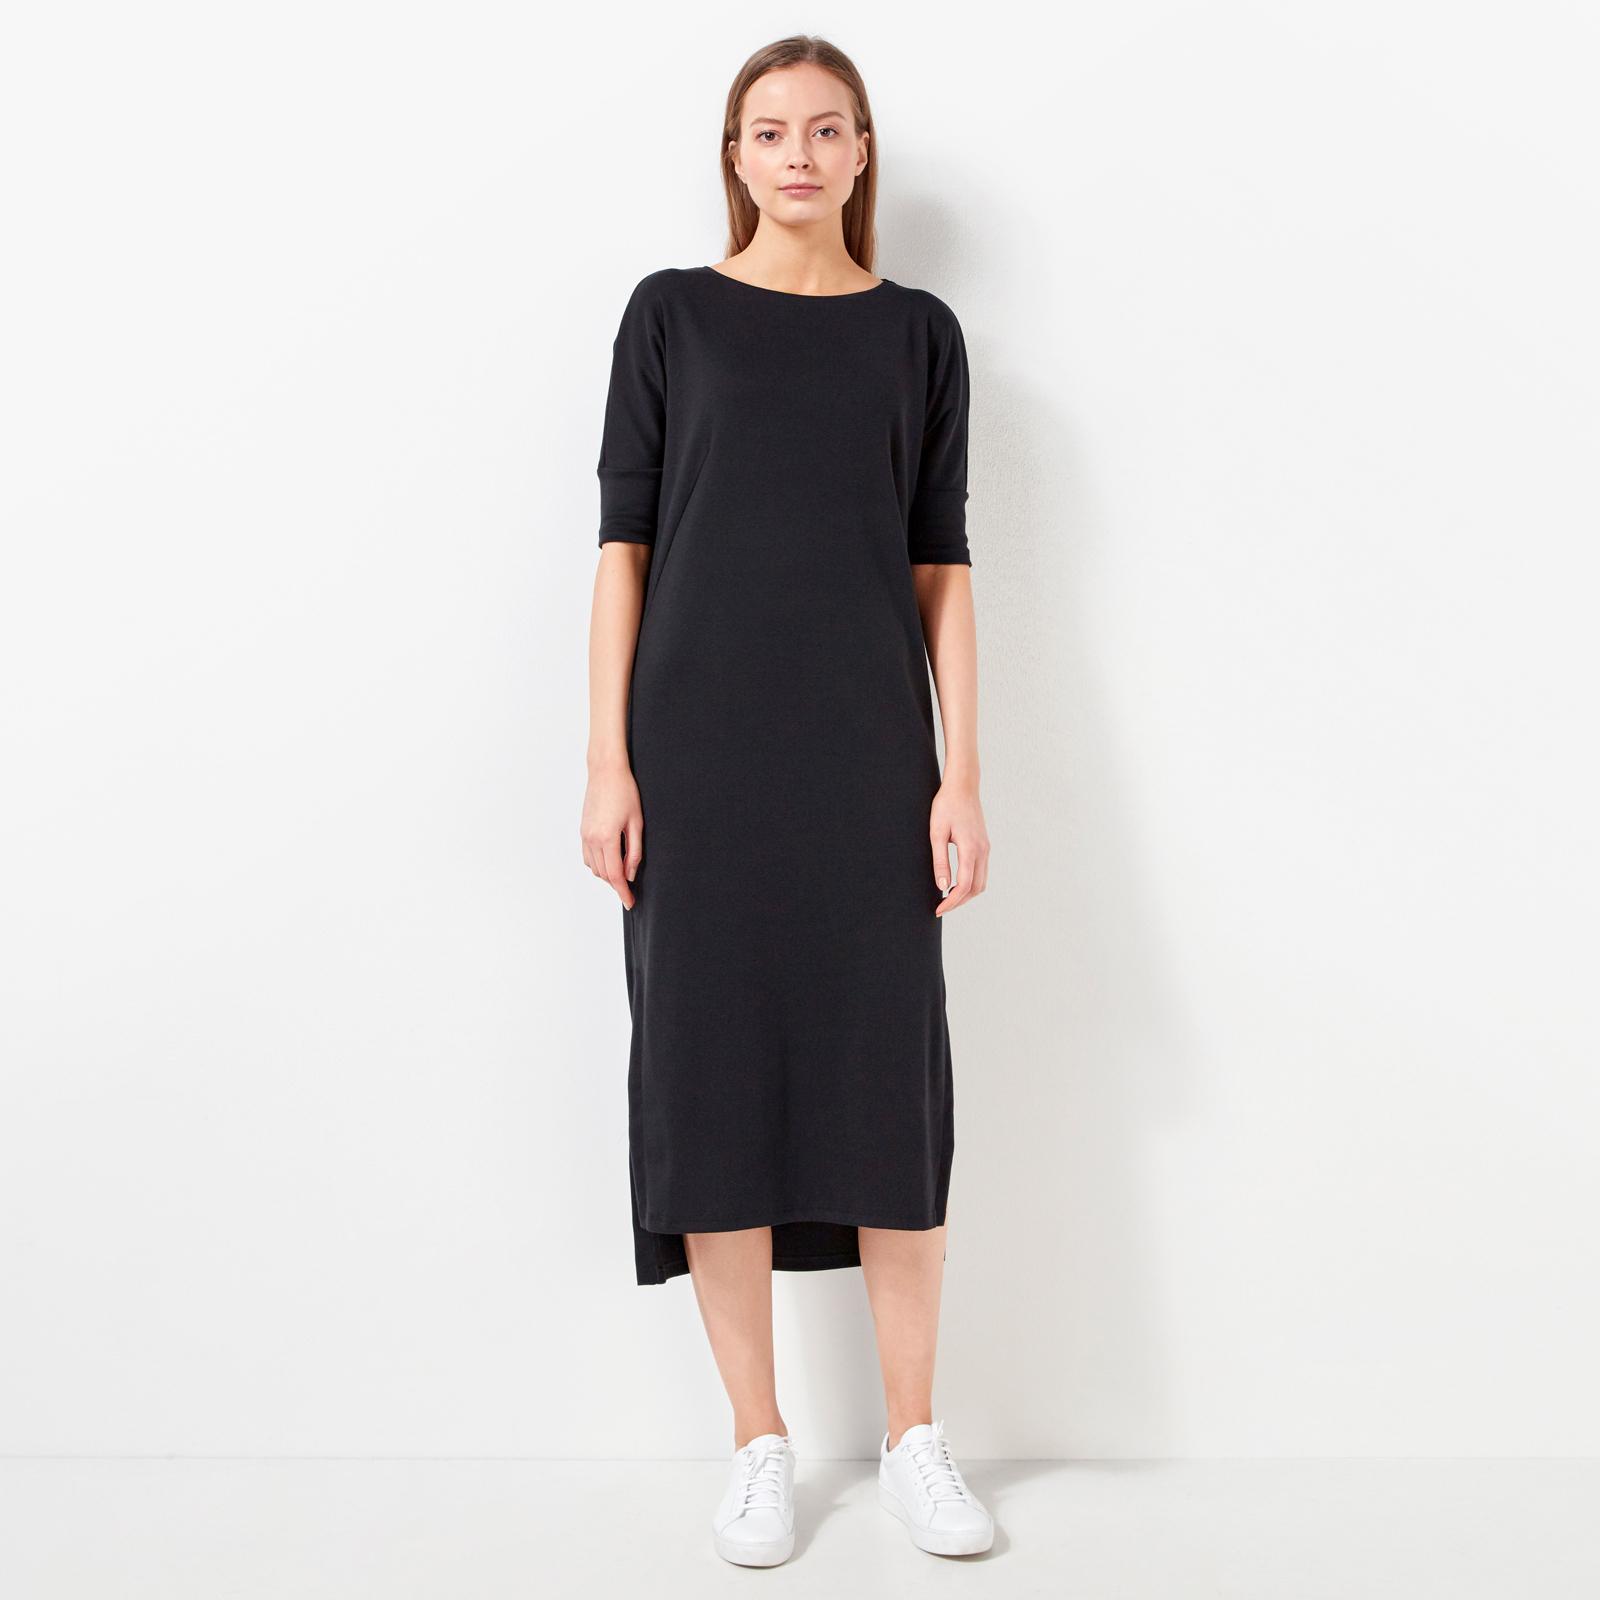 TAIKA mekko, musta | NOSH verkkokauppa